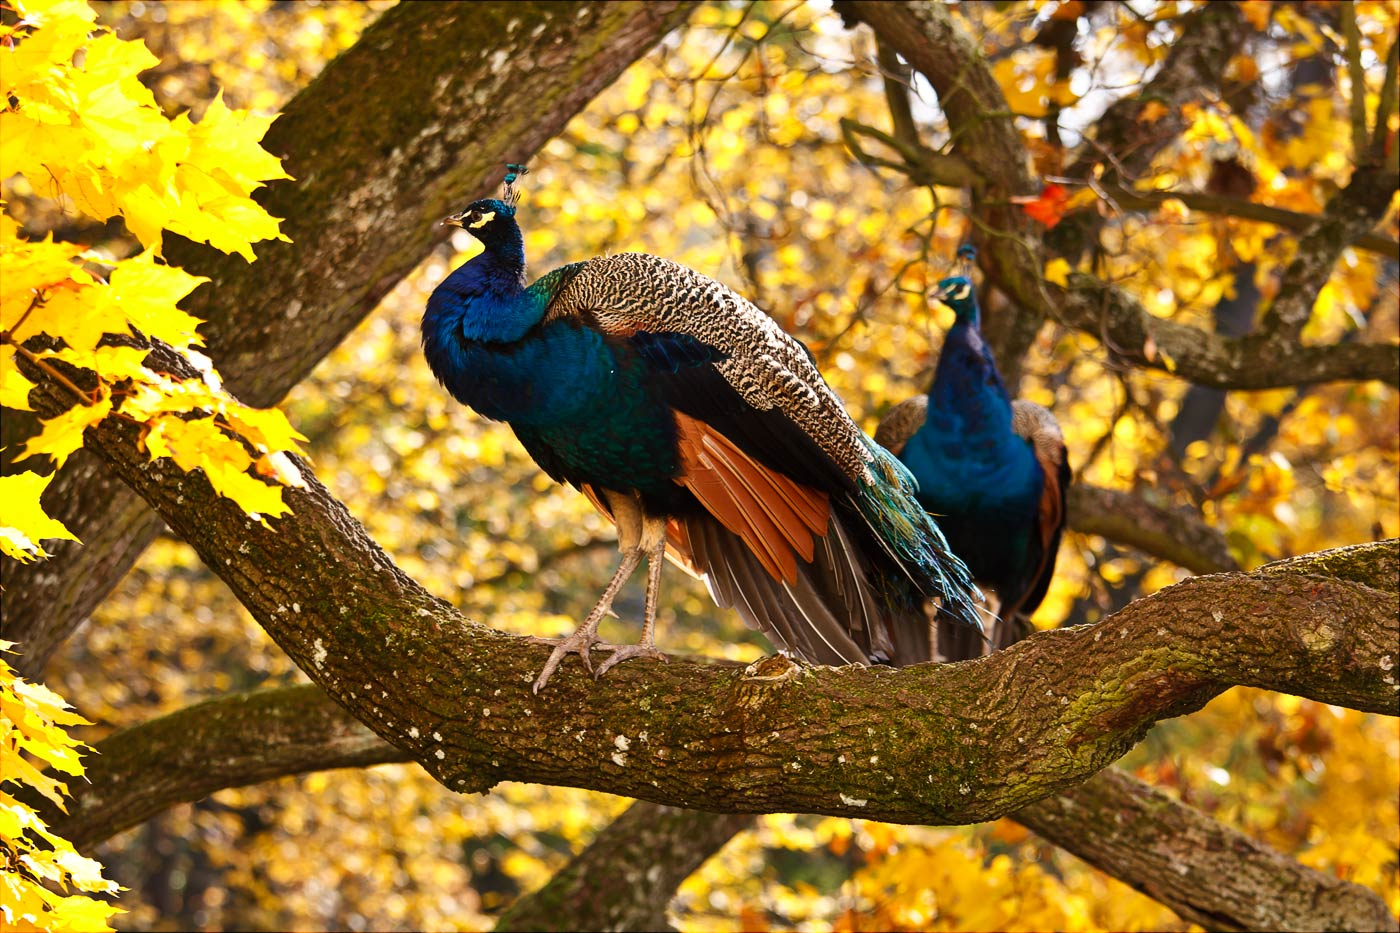 Павлины, золотая осень в Конопиштском парке, Чехия